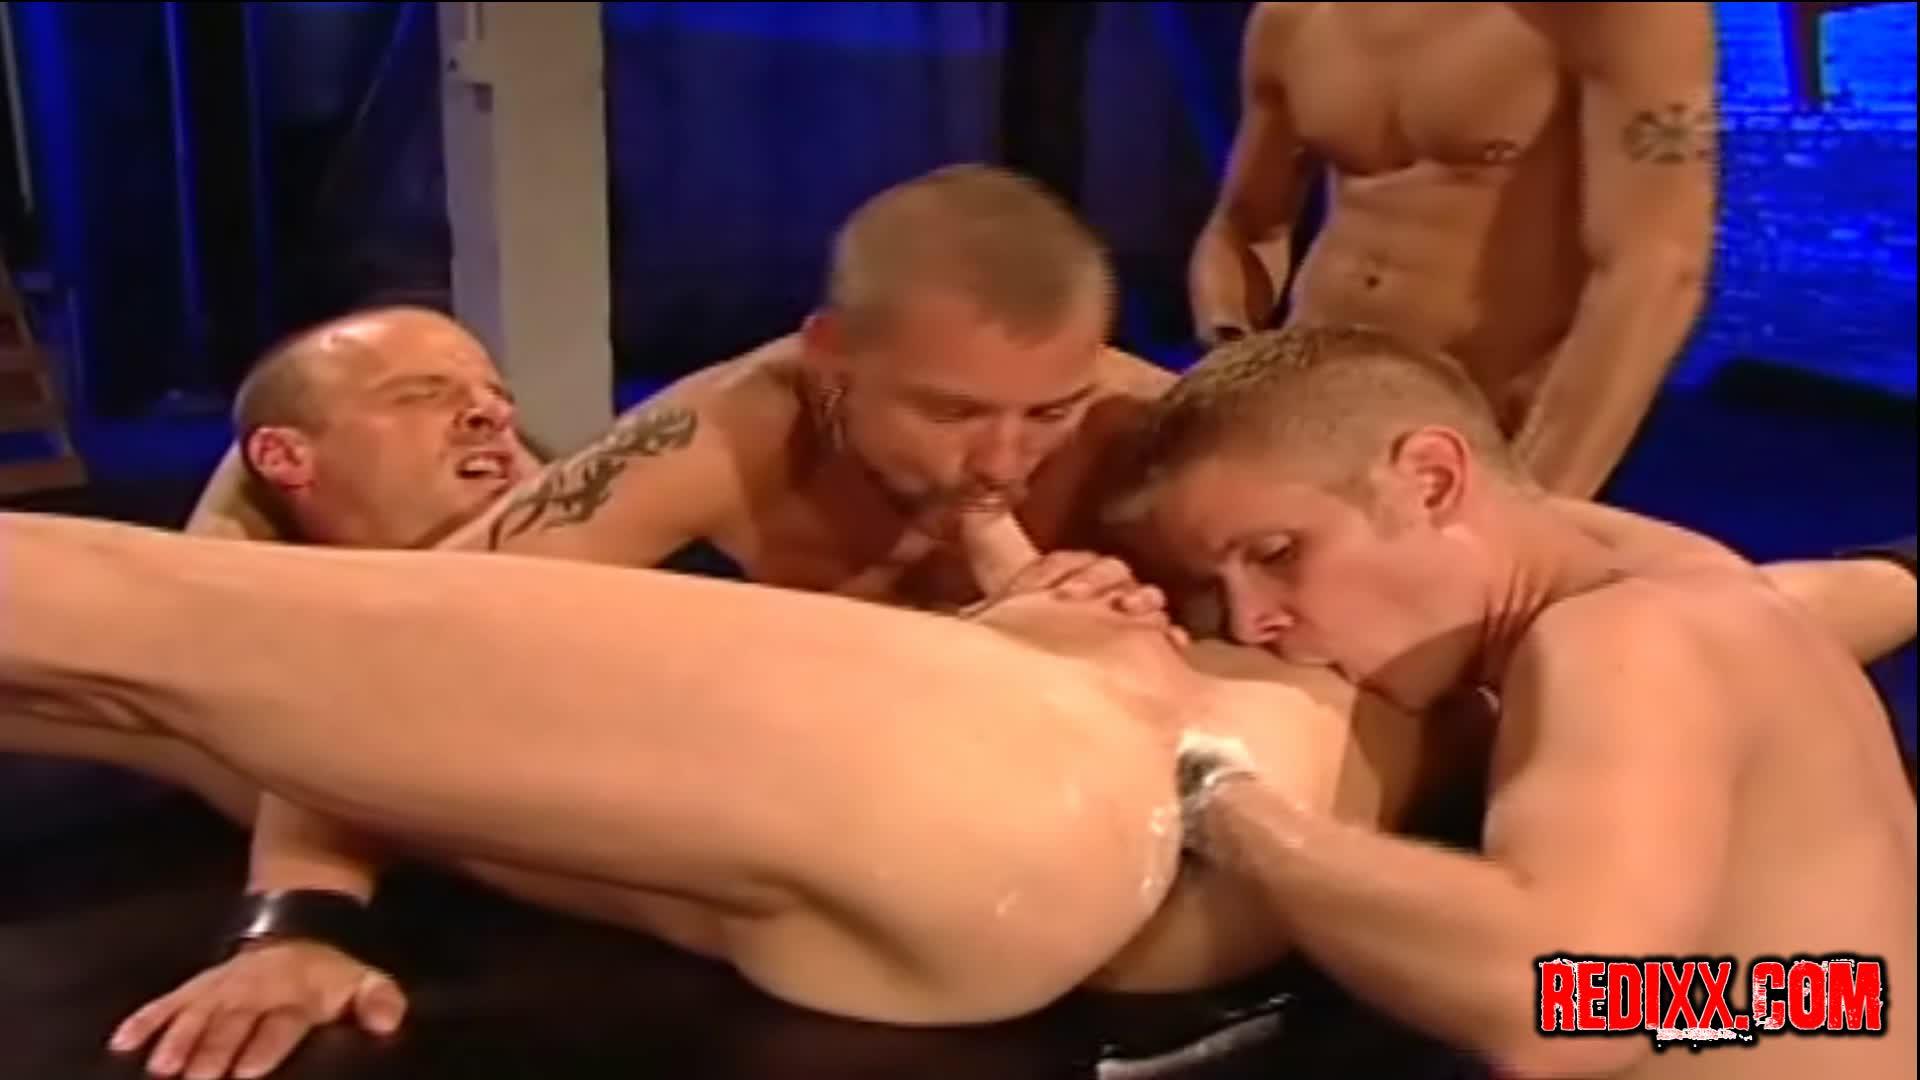 Bisexual gay galleries